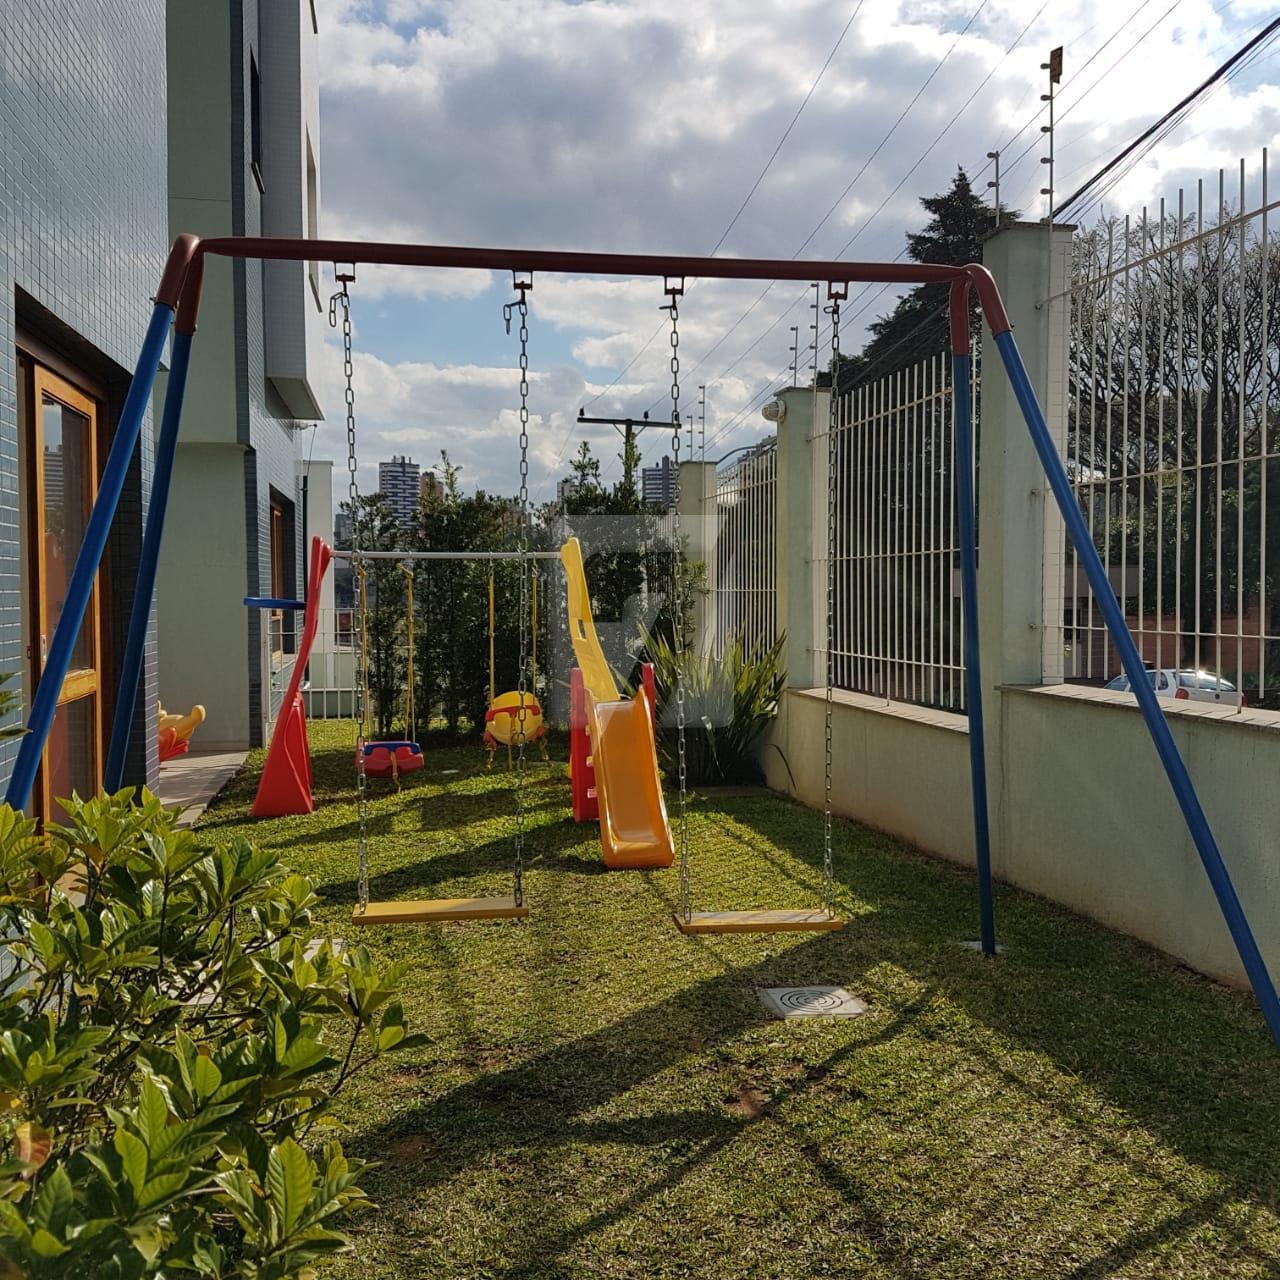 251.Playground